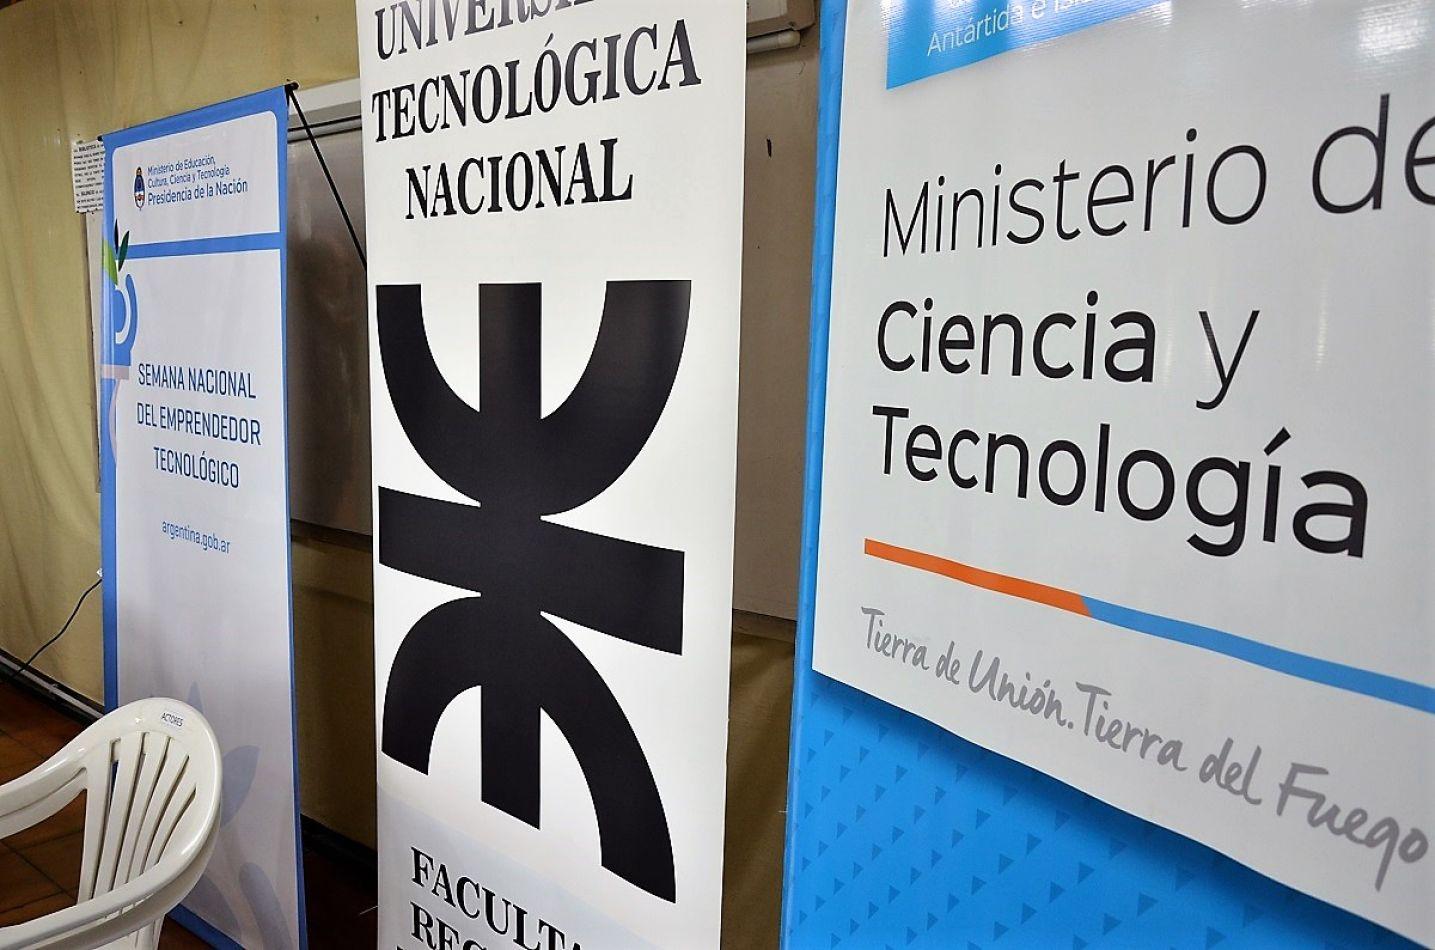 Llegó a su fin la Semana Nacional del Emprendedor Tecnológico.